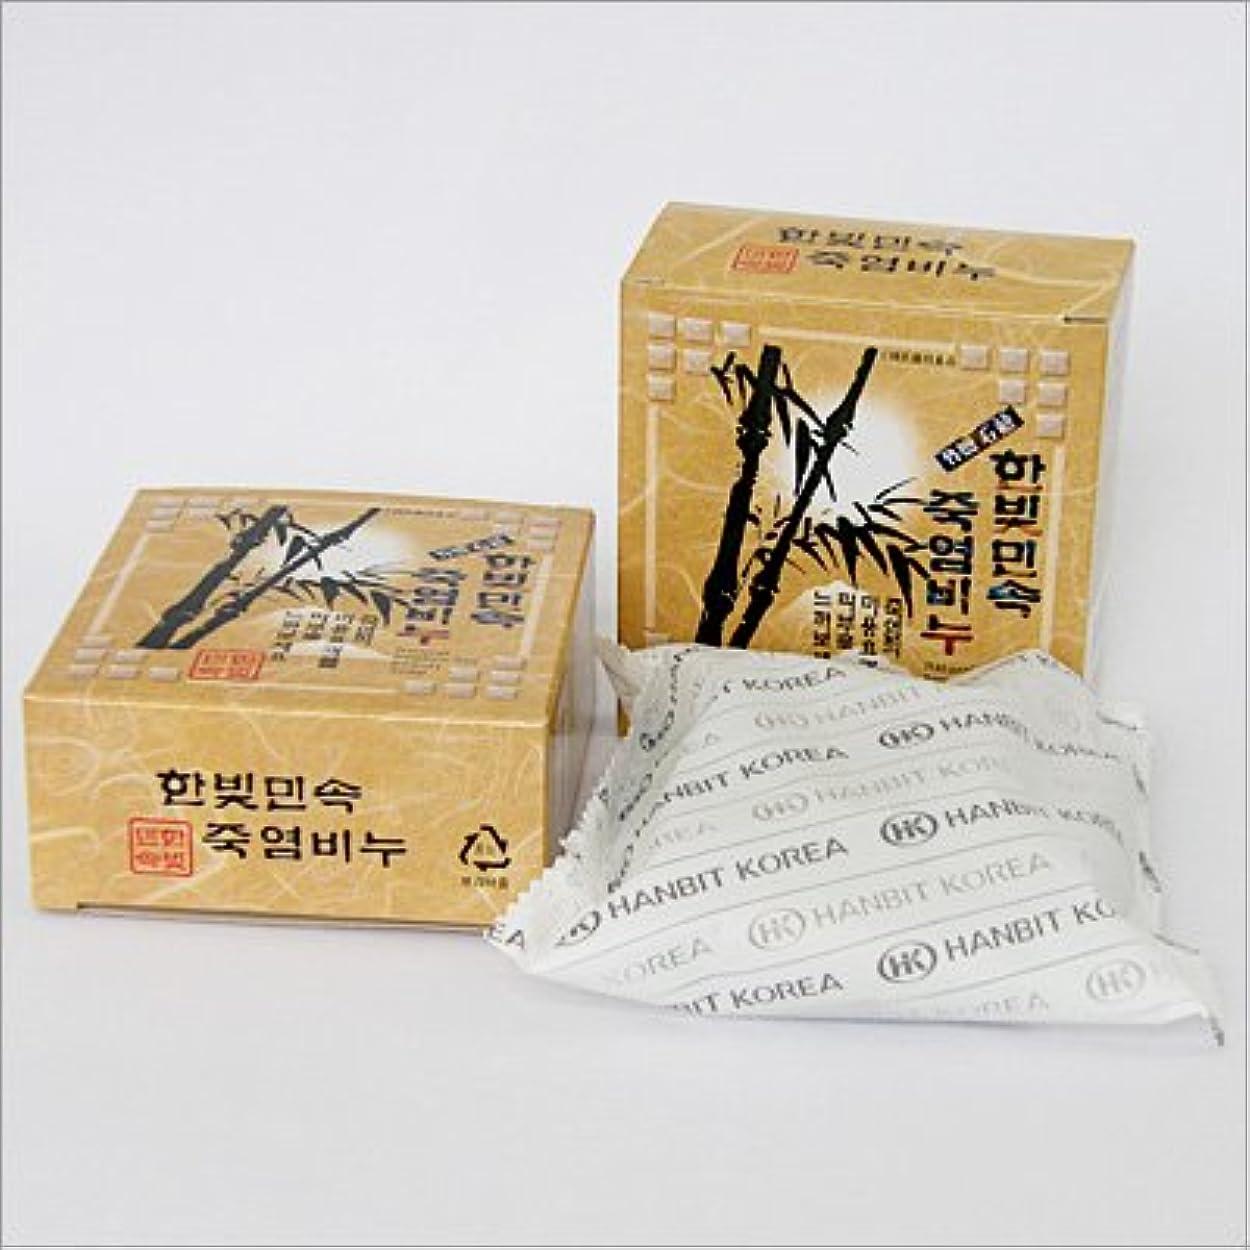 検査オーラル吸収する(韓国ブランド) 韓国直輸入』竹塩石鹸(3個×5セット)